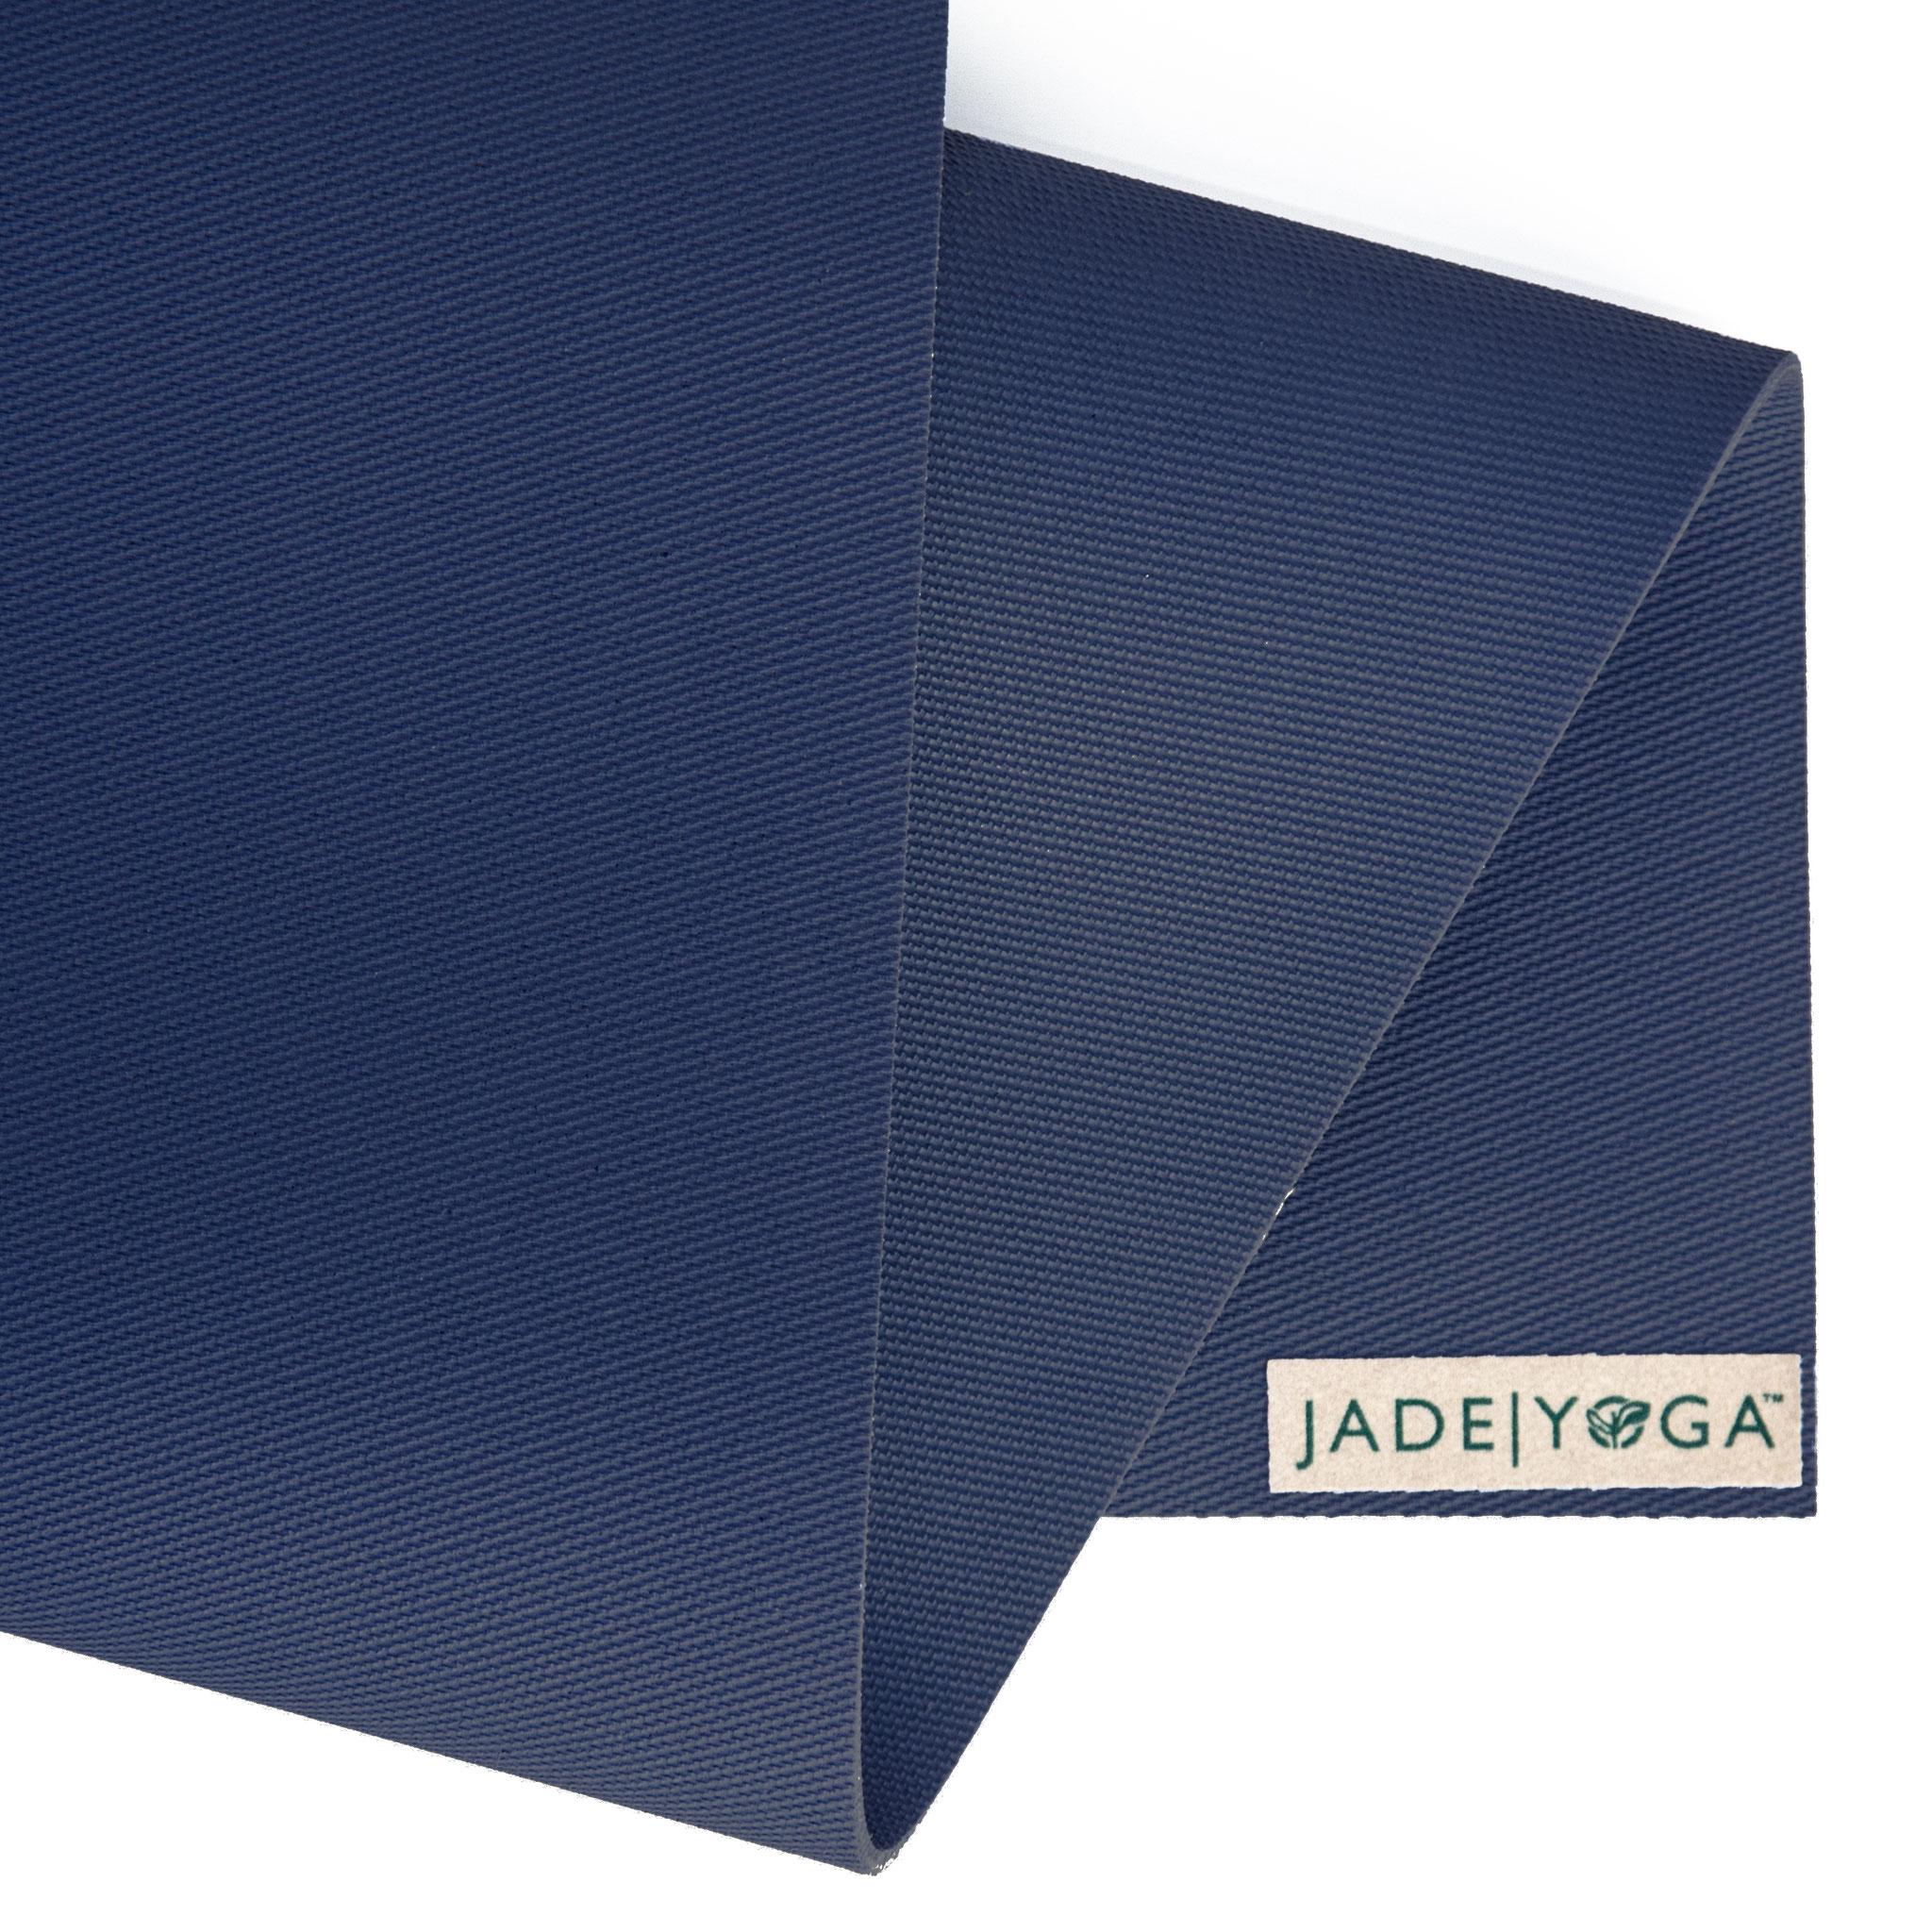 Die unter Yogi(ni)s beliebte Jade-Harmony-Matte. Super rutschfest und in der Farbe midnight-blue.